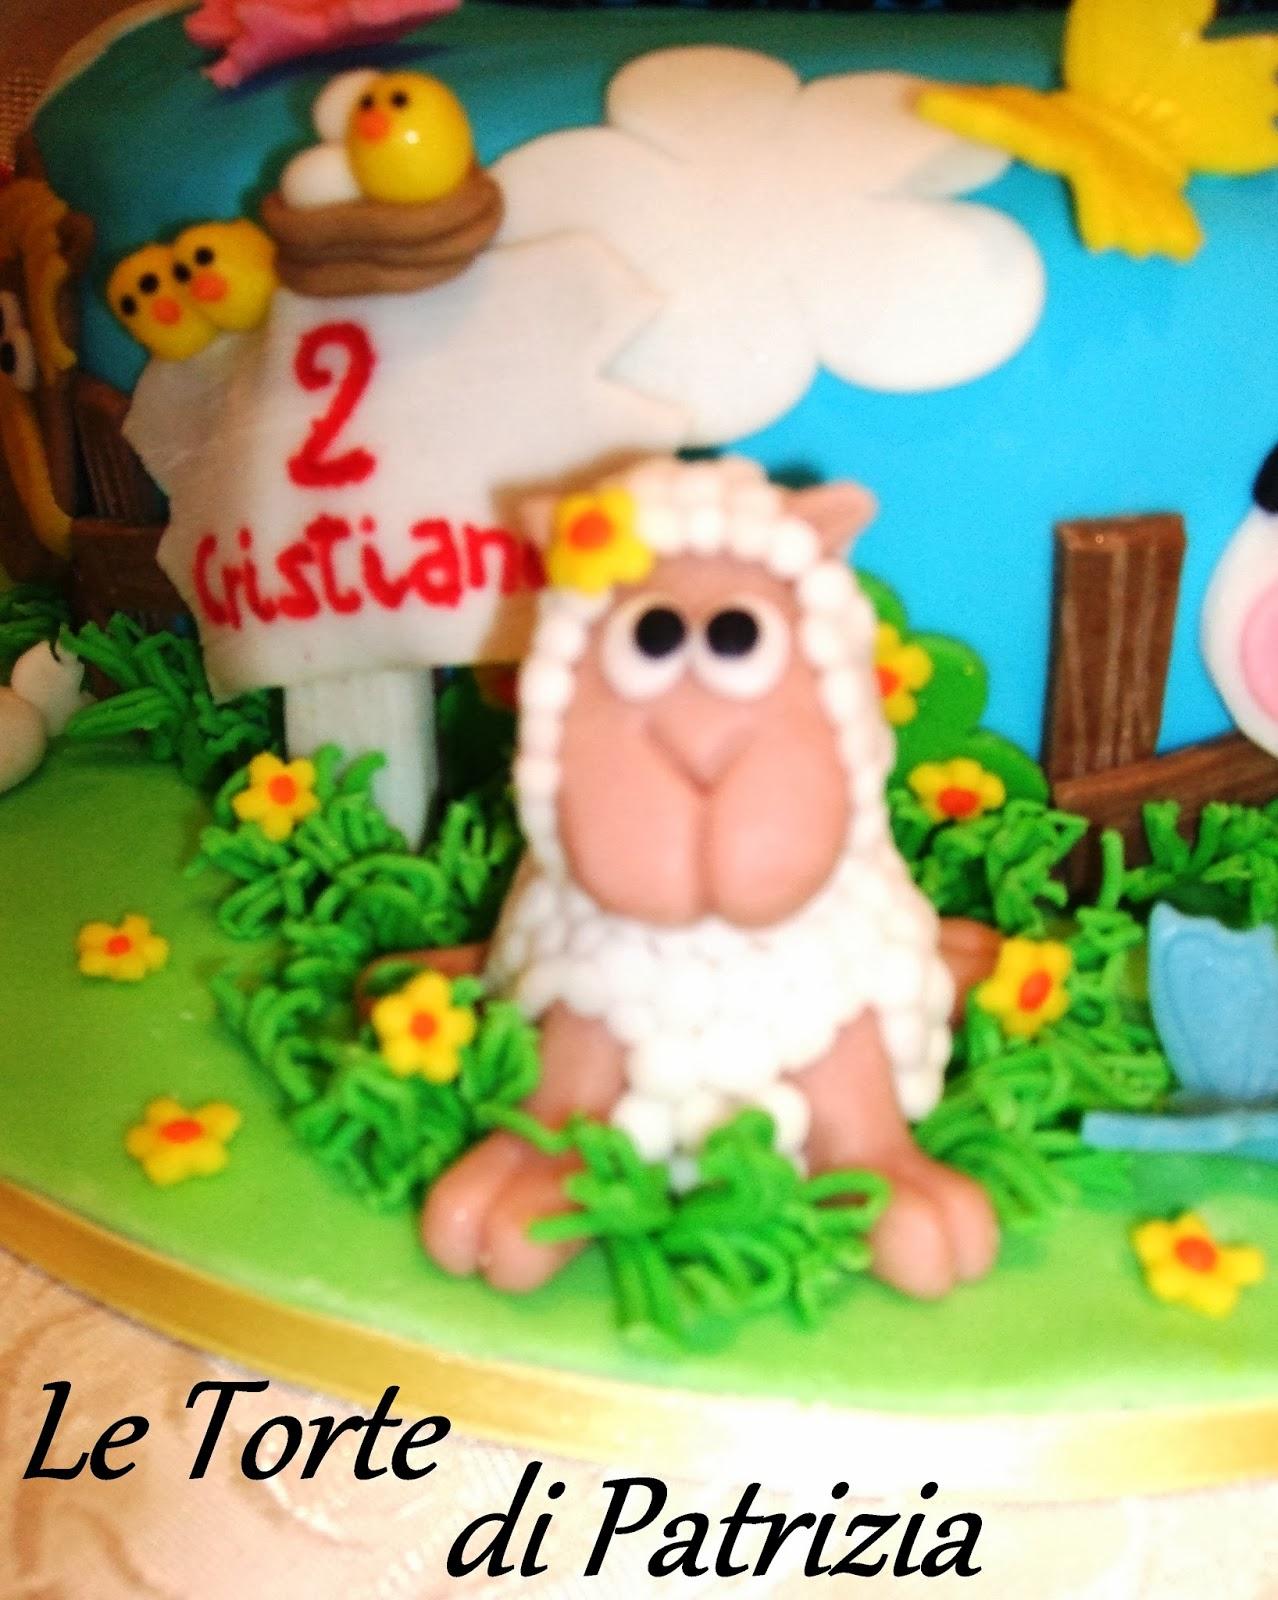 Le torte di patrizia passione e fantasia la pecorella